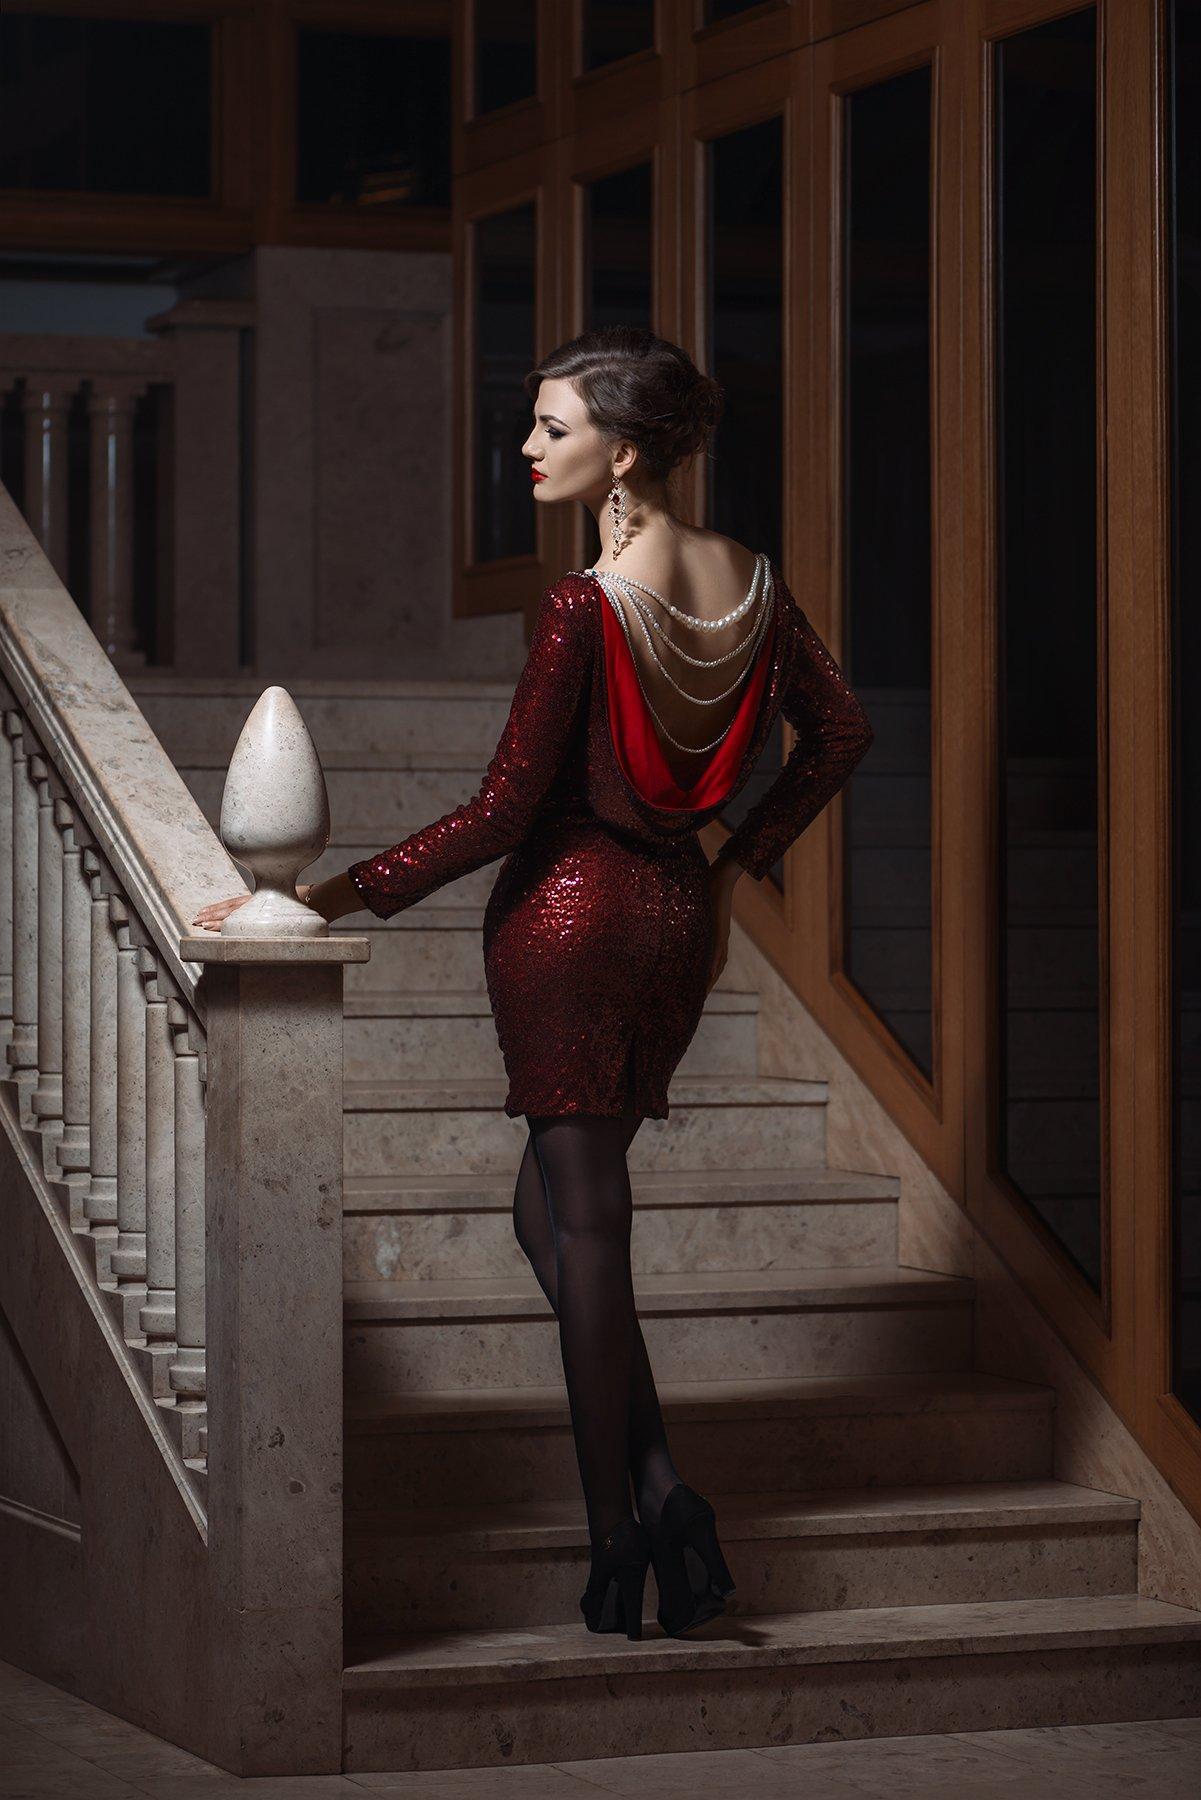 девушка, лестница, платье, Nikon, D800, 2017, Новицкий Илья